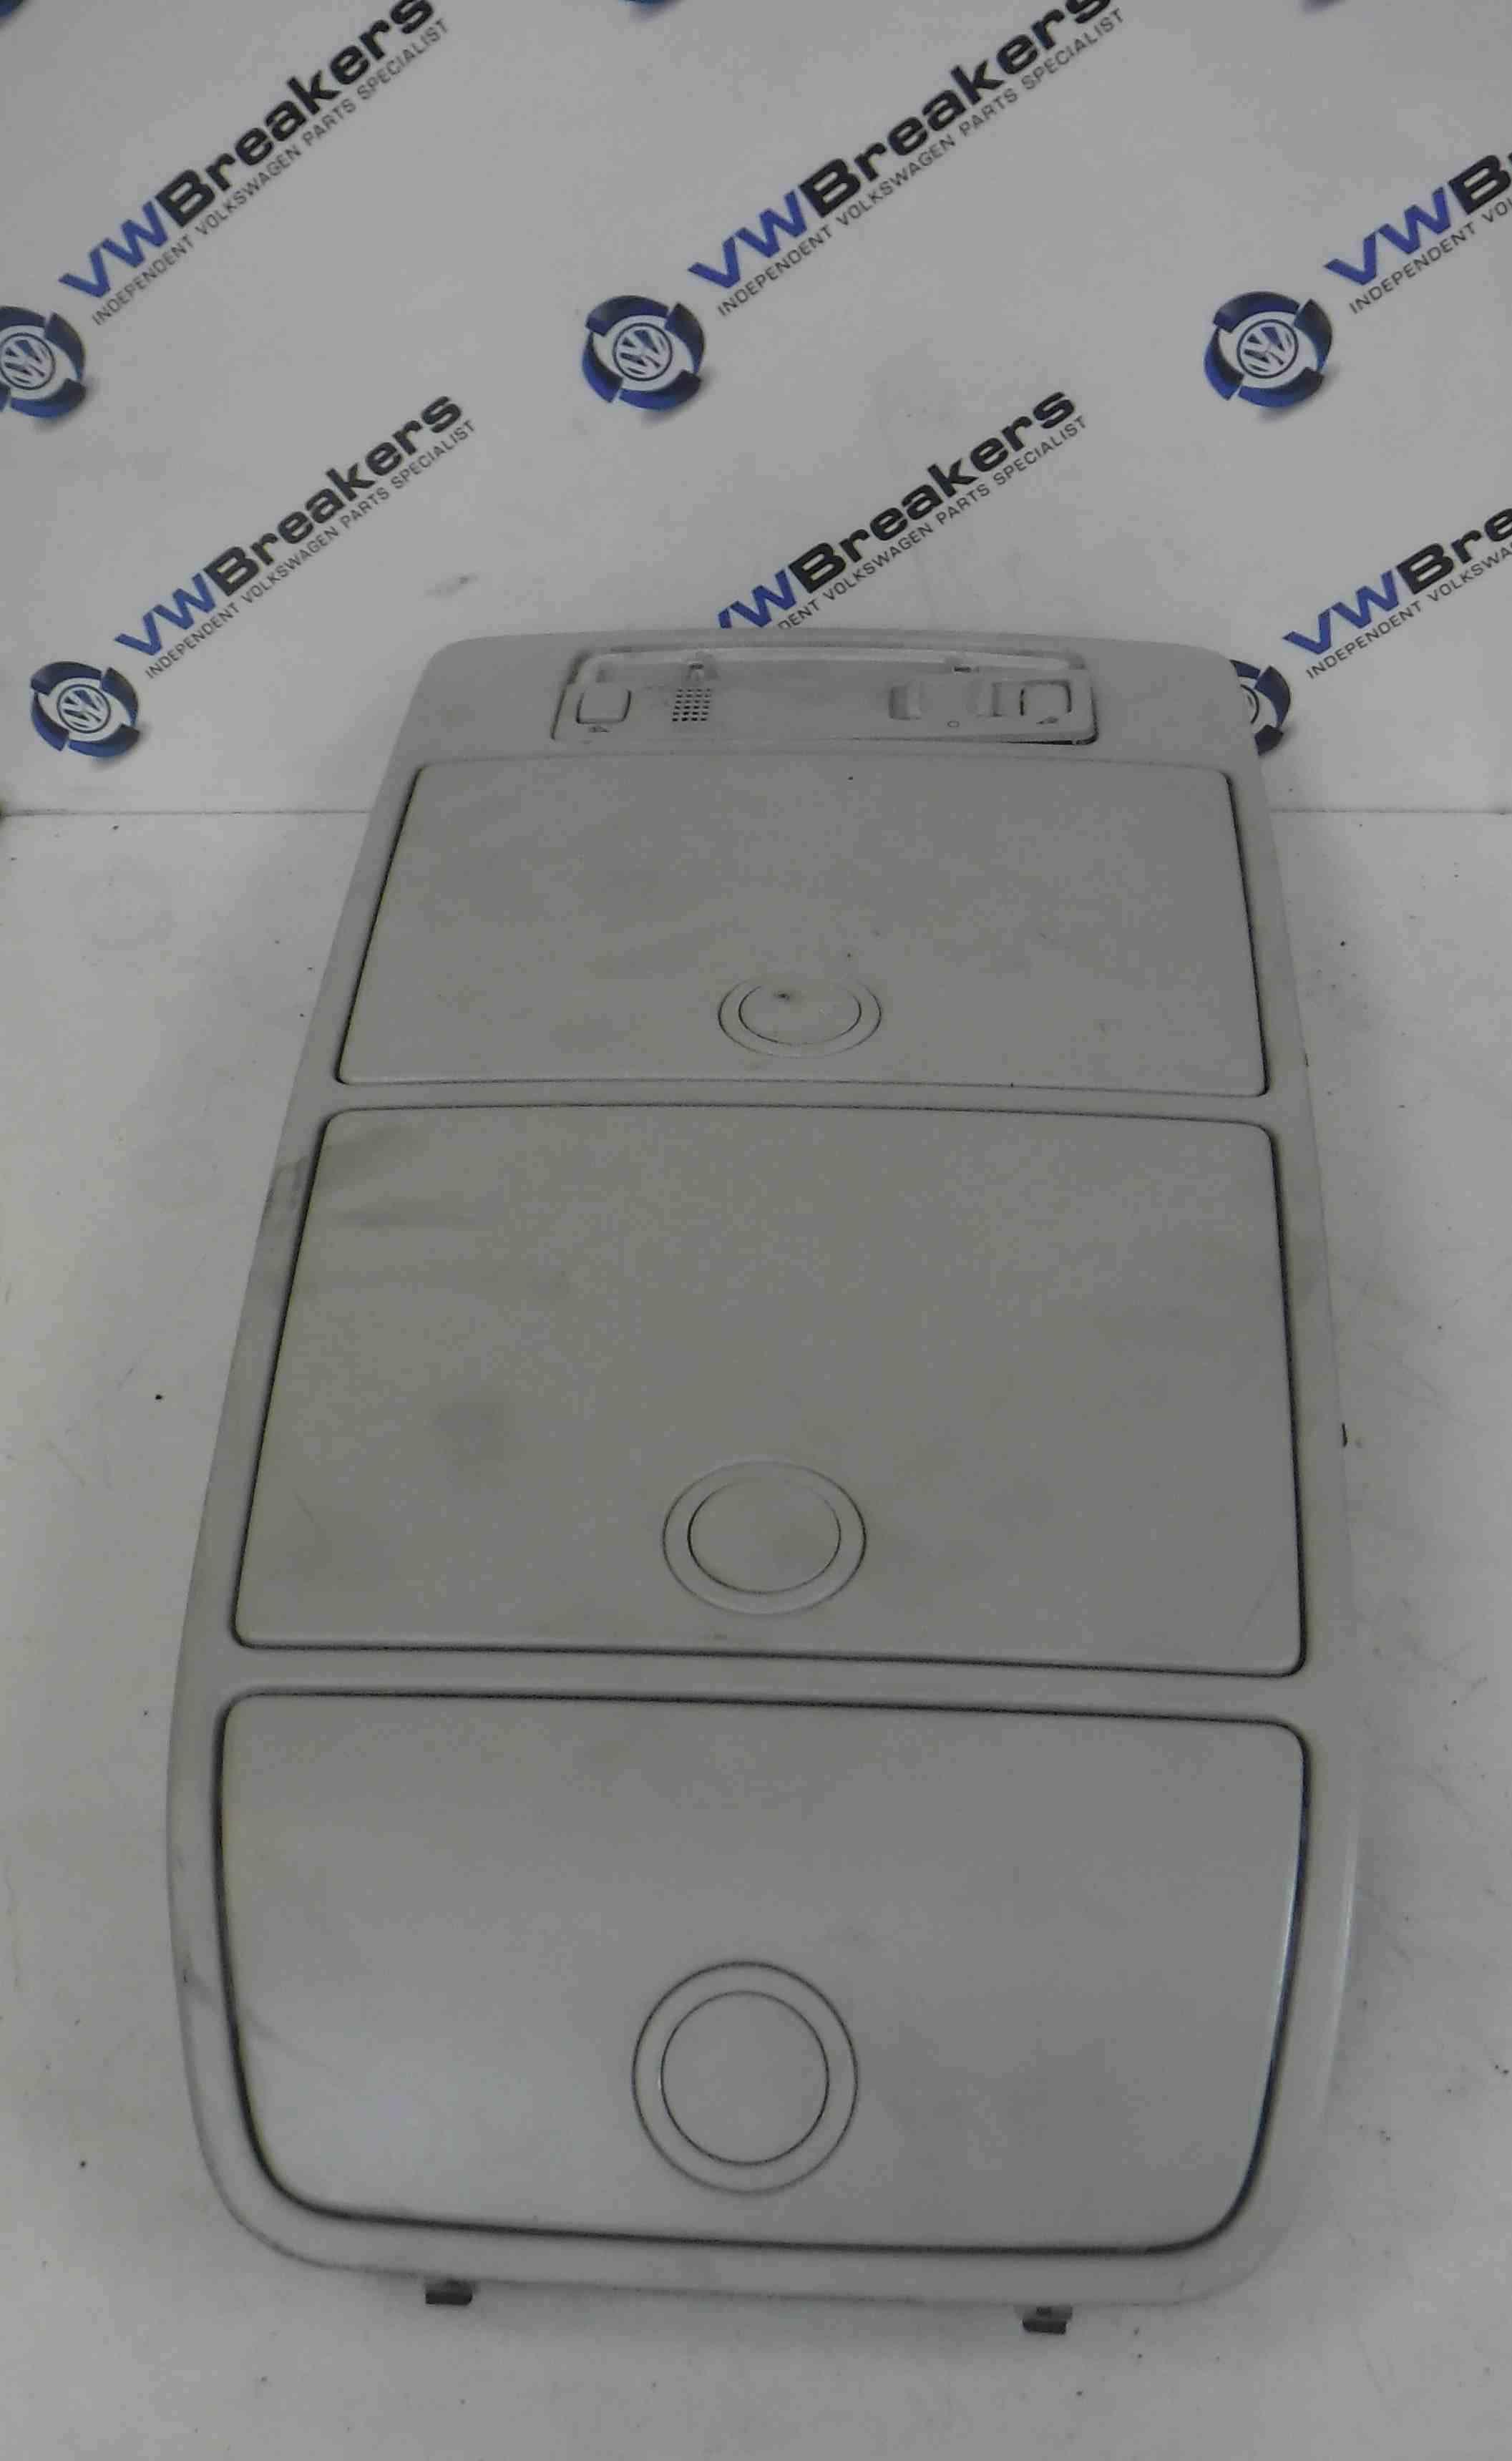 Volkswagen Touran 2003-2006 Interior Roof Insert Light Tray 1T0868837B